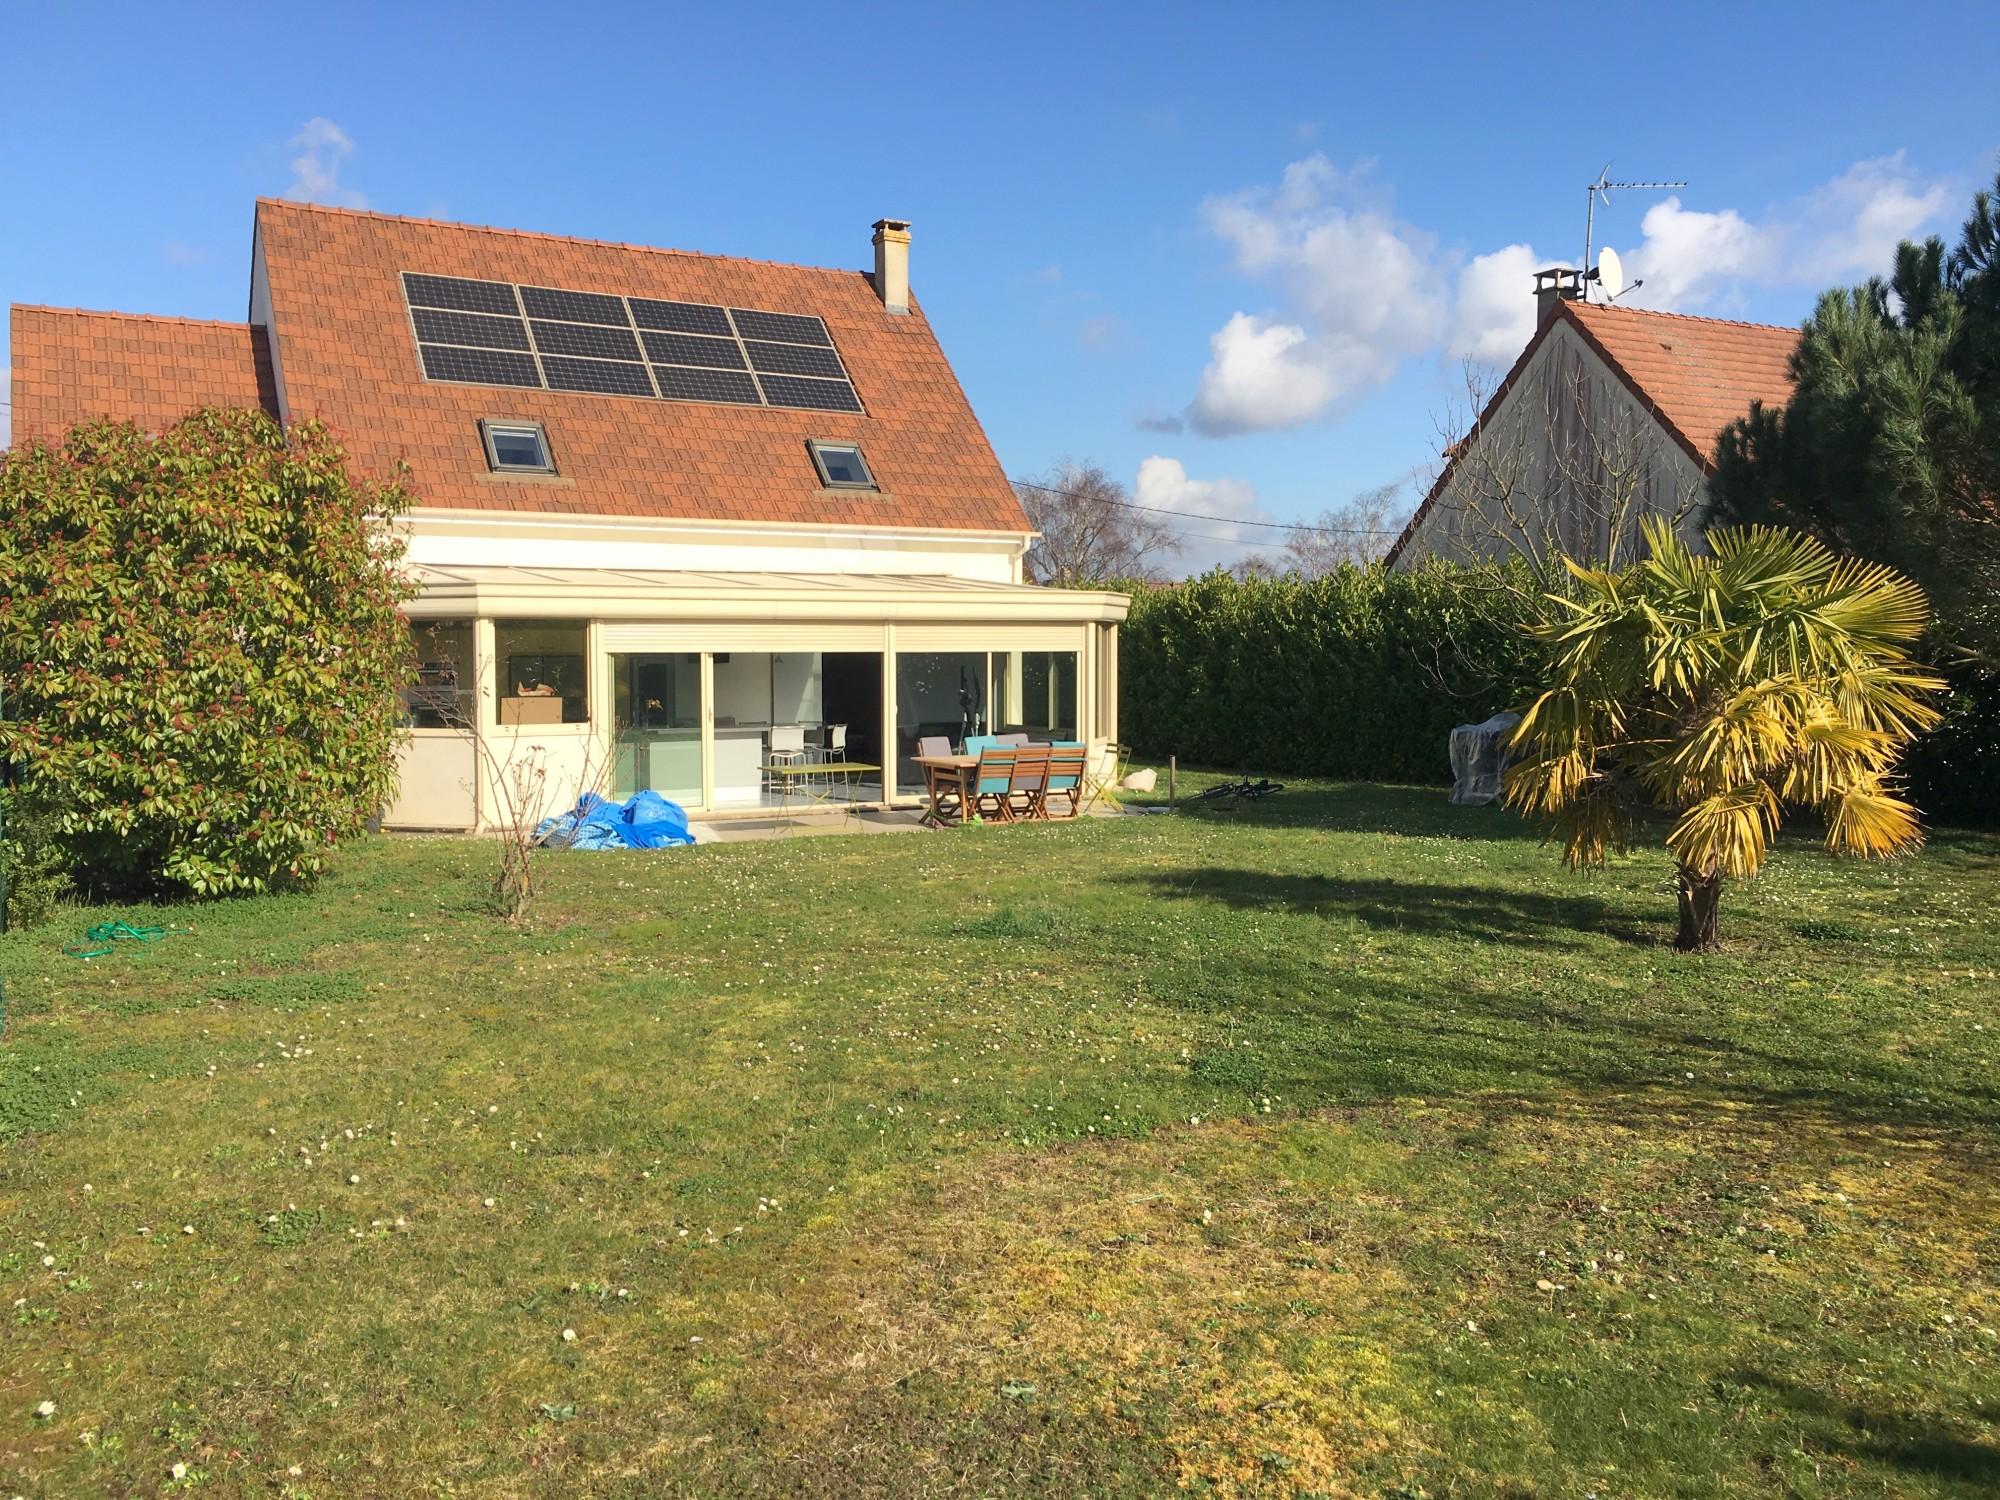 panneau solaire maison panneau solaire maison with panneau solaire maison un foyer quip de. Black Bedroom Furniture Sets. Home Design Ideas